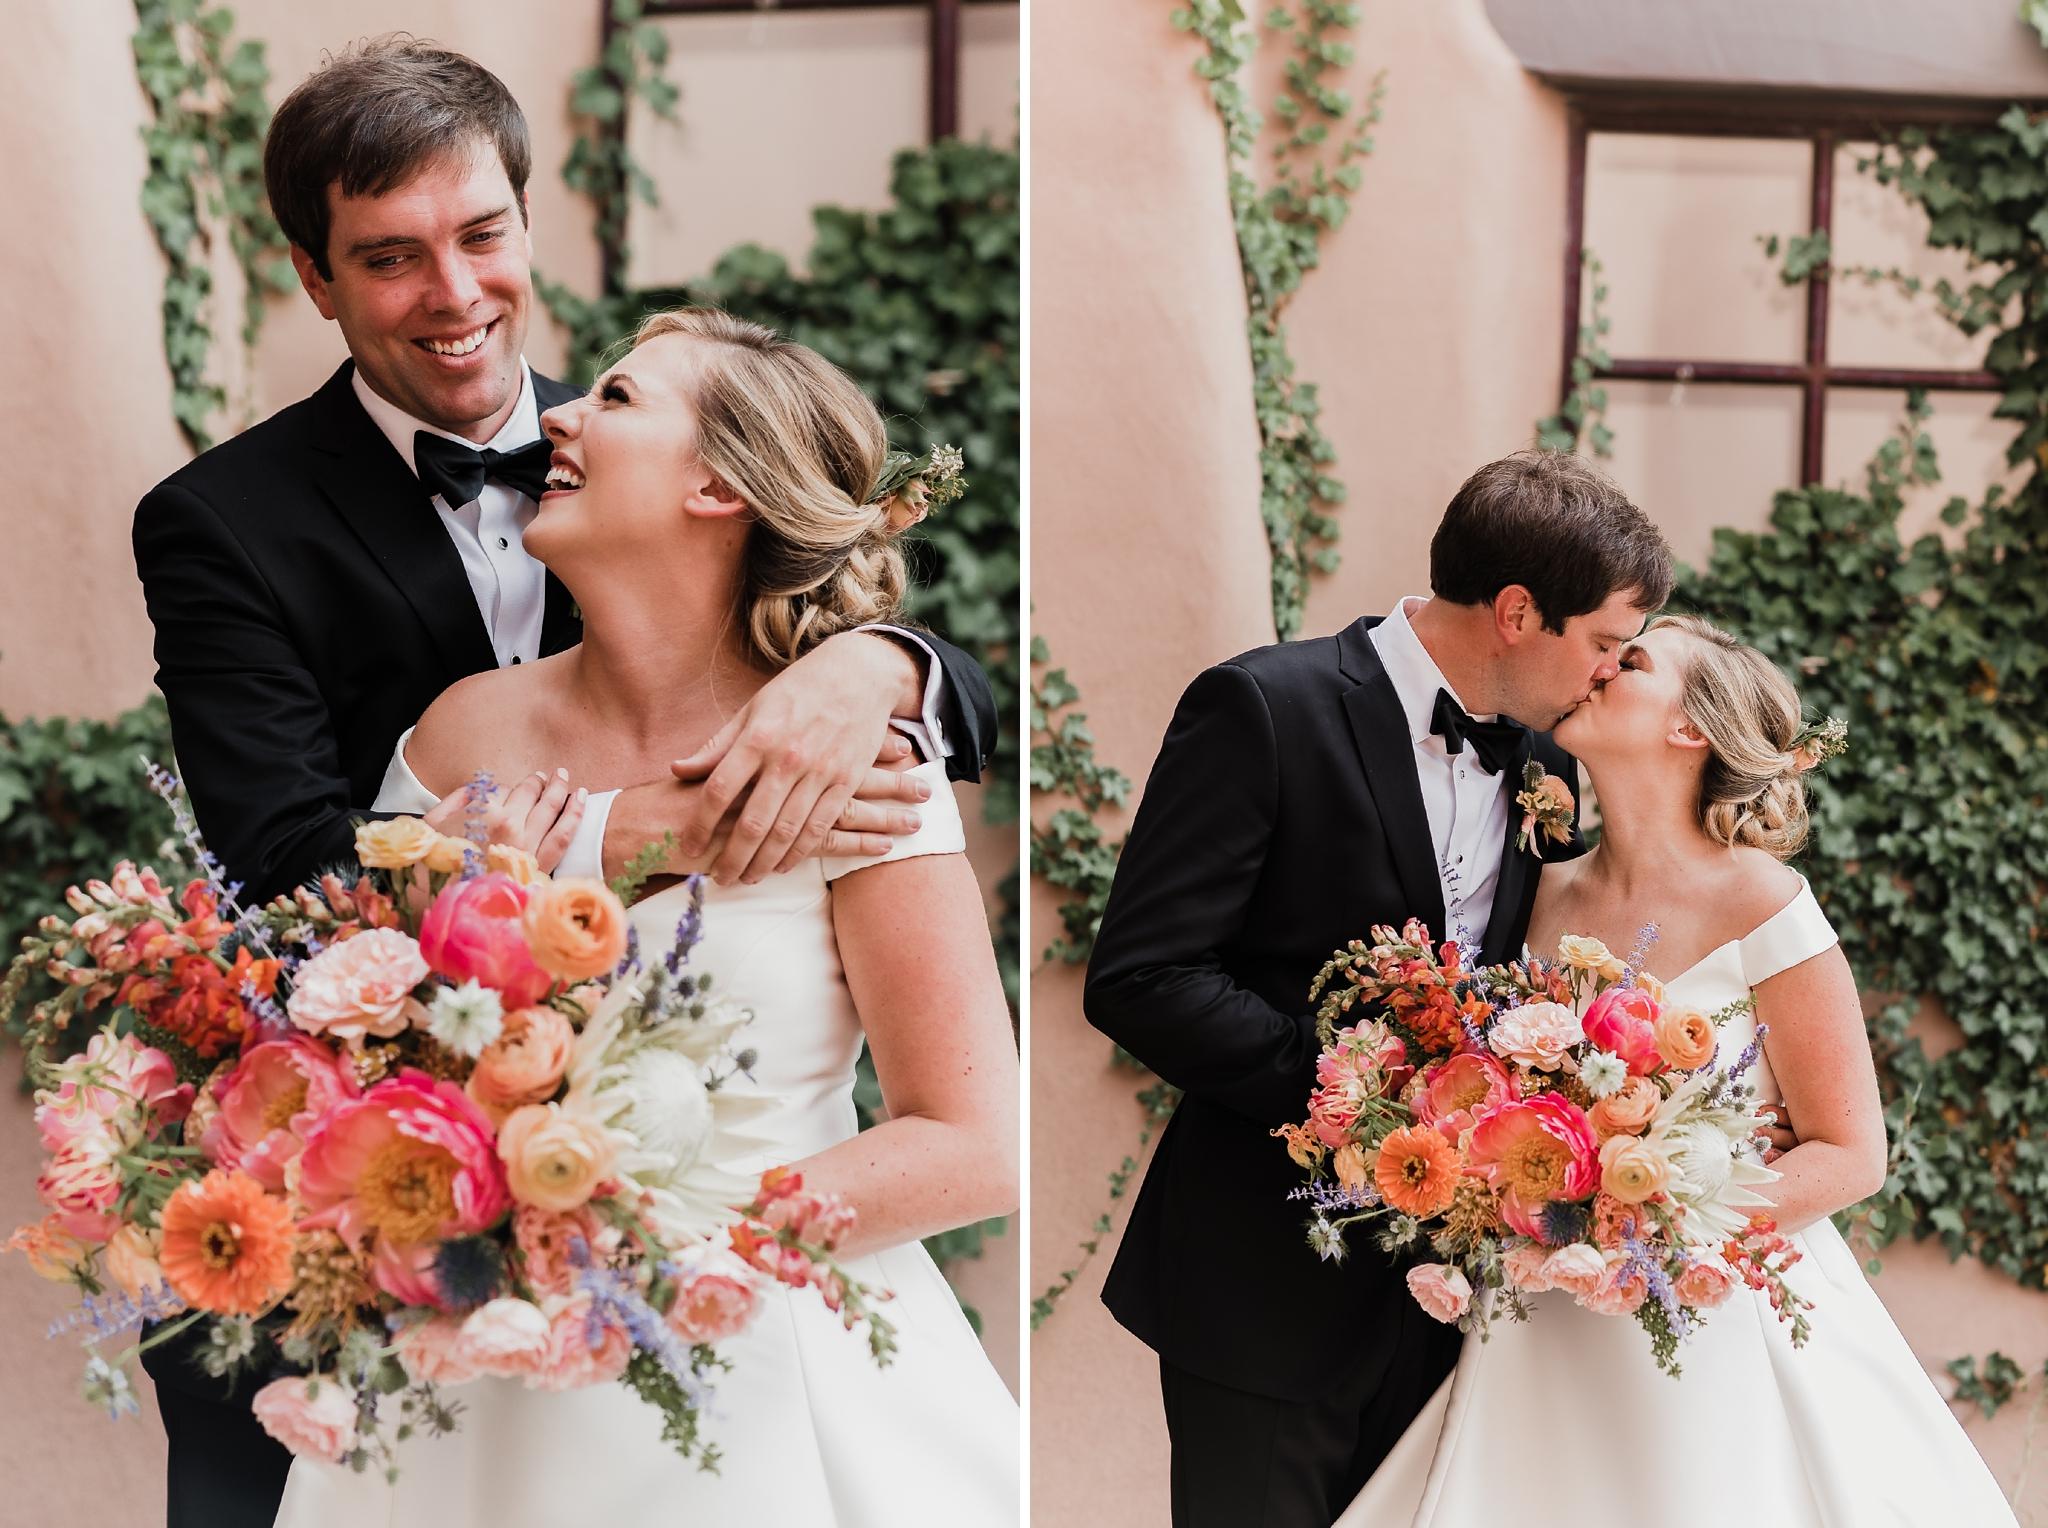 Alicia+lucia+photography+-+albuquerque+wedding+photographer+-+santa+fe+wedding+photography+-+new+mexico+wedding+photographer+-+new+mexico+wedding+-+las+campanas+wedding+-+santa+fe+wedding+-+maximalist+wedding+-+destination+wedding_0087.jpg